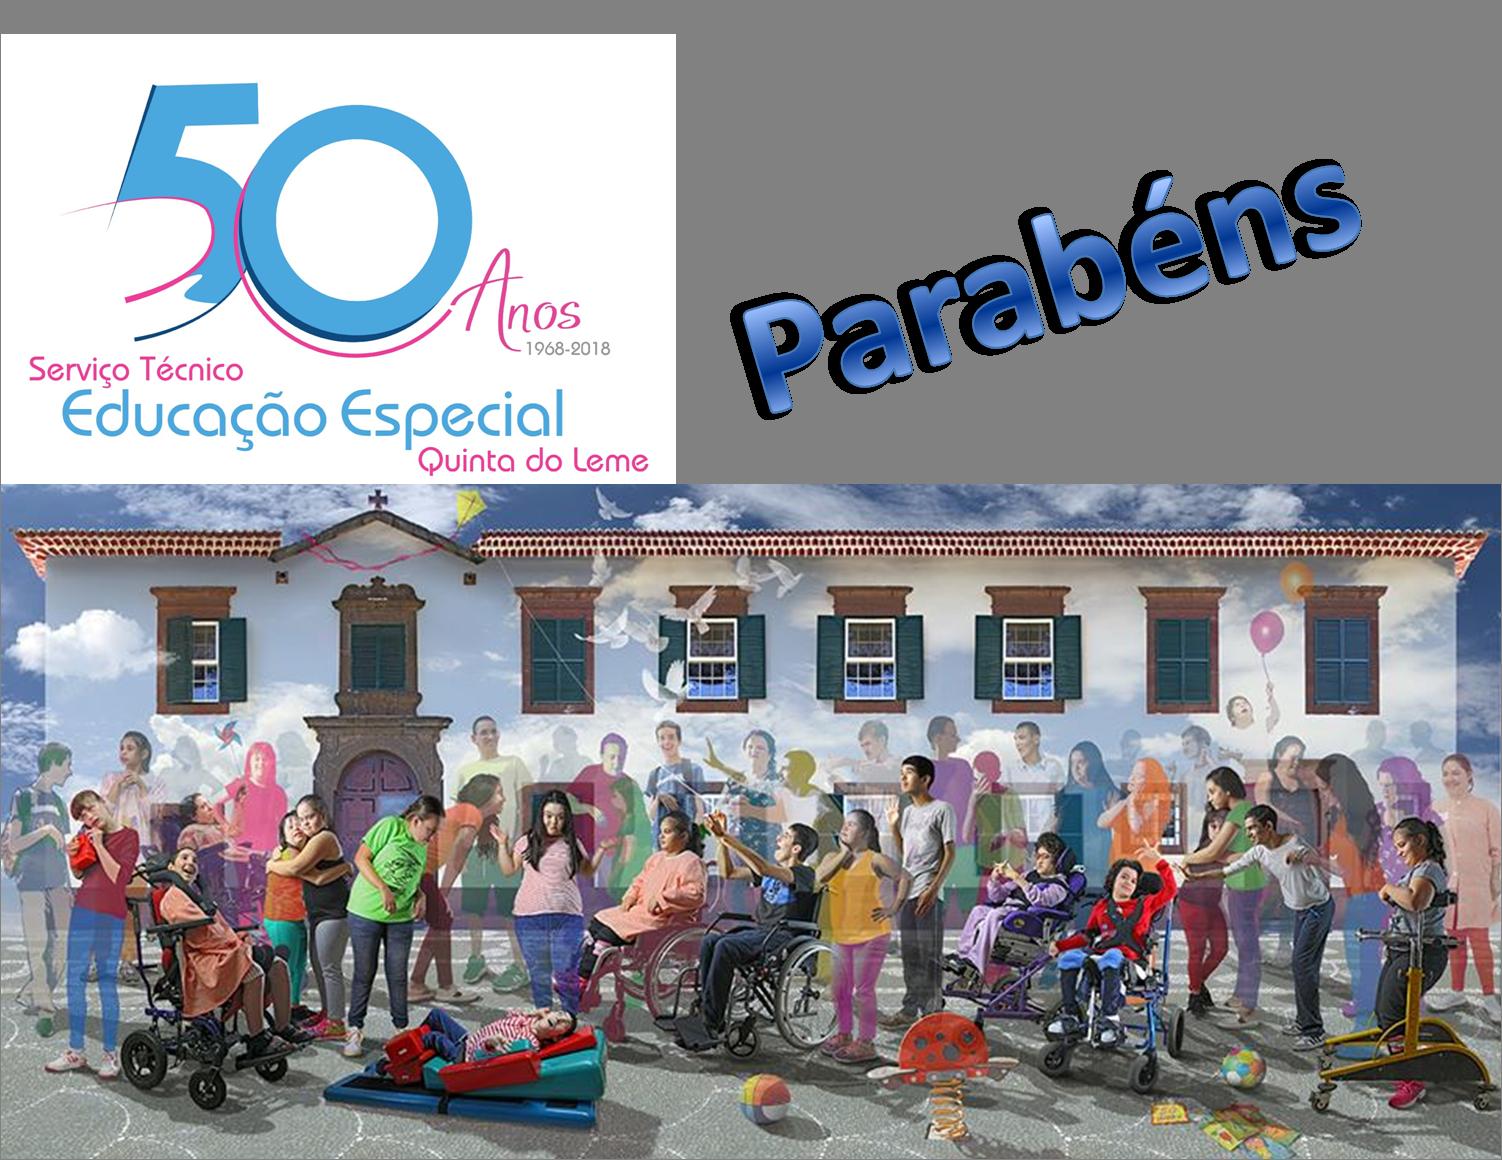 Serviço Técnico de Educação Especial celebrou 50 anos